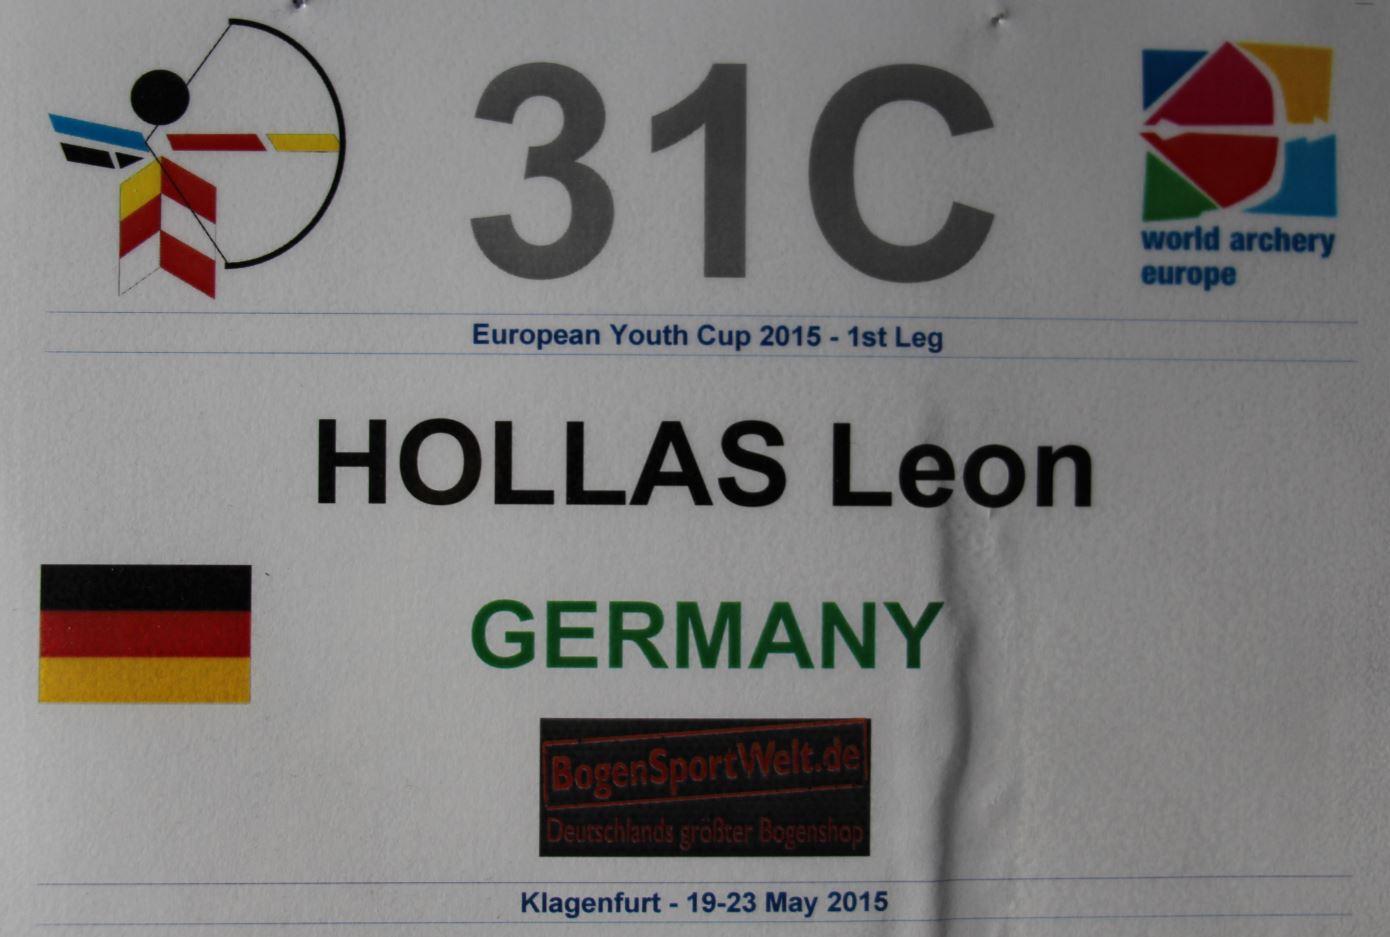 Leon Hollas beim 1st European Youth Cup 2015 in Klagenfurt, Österreich